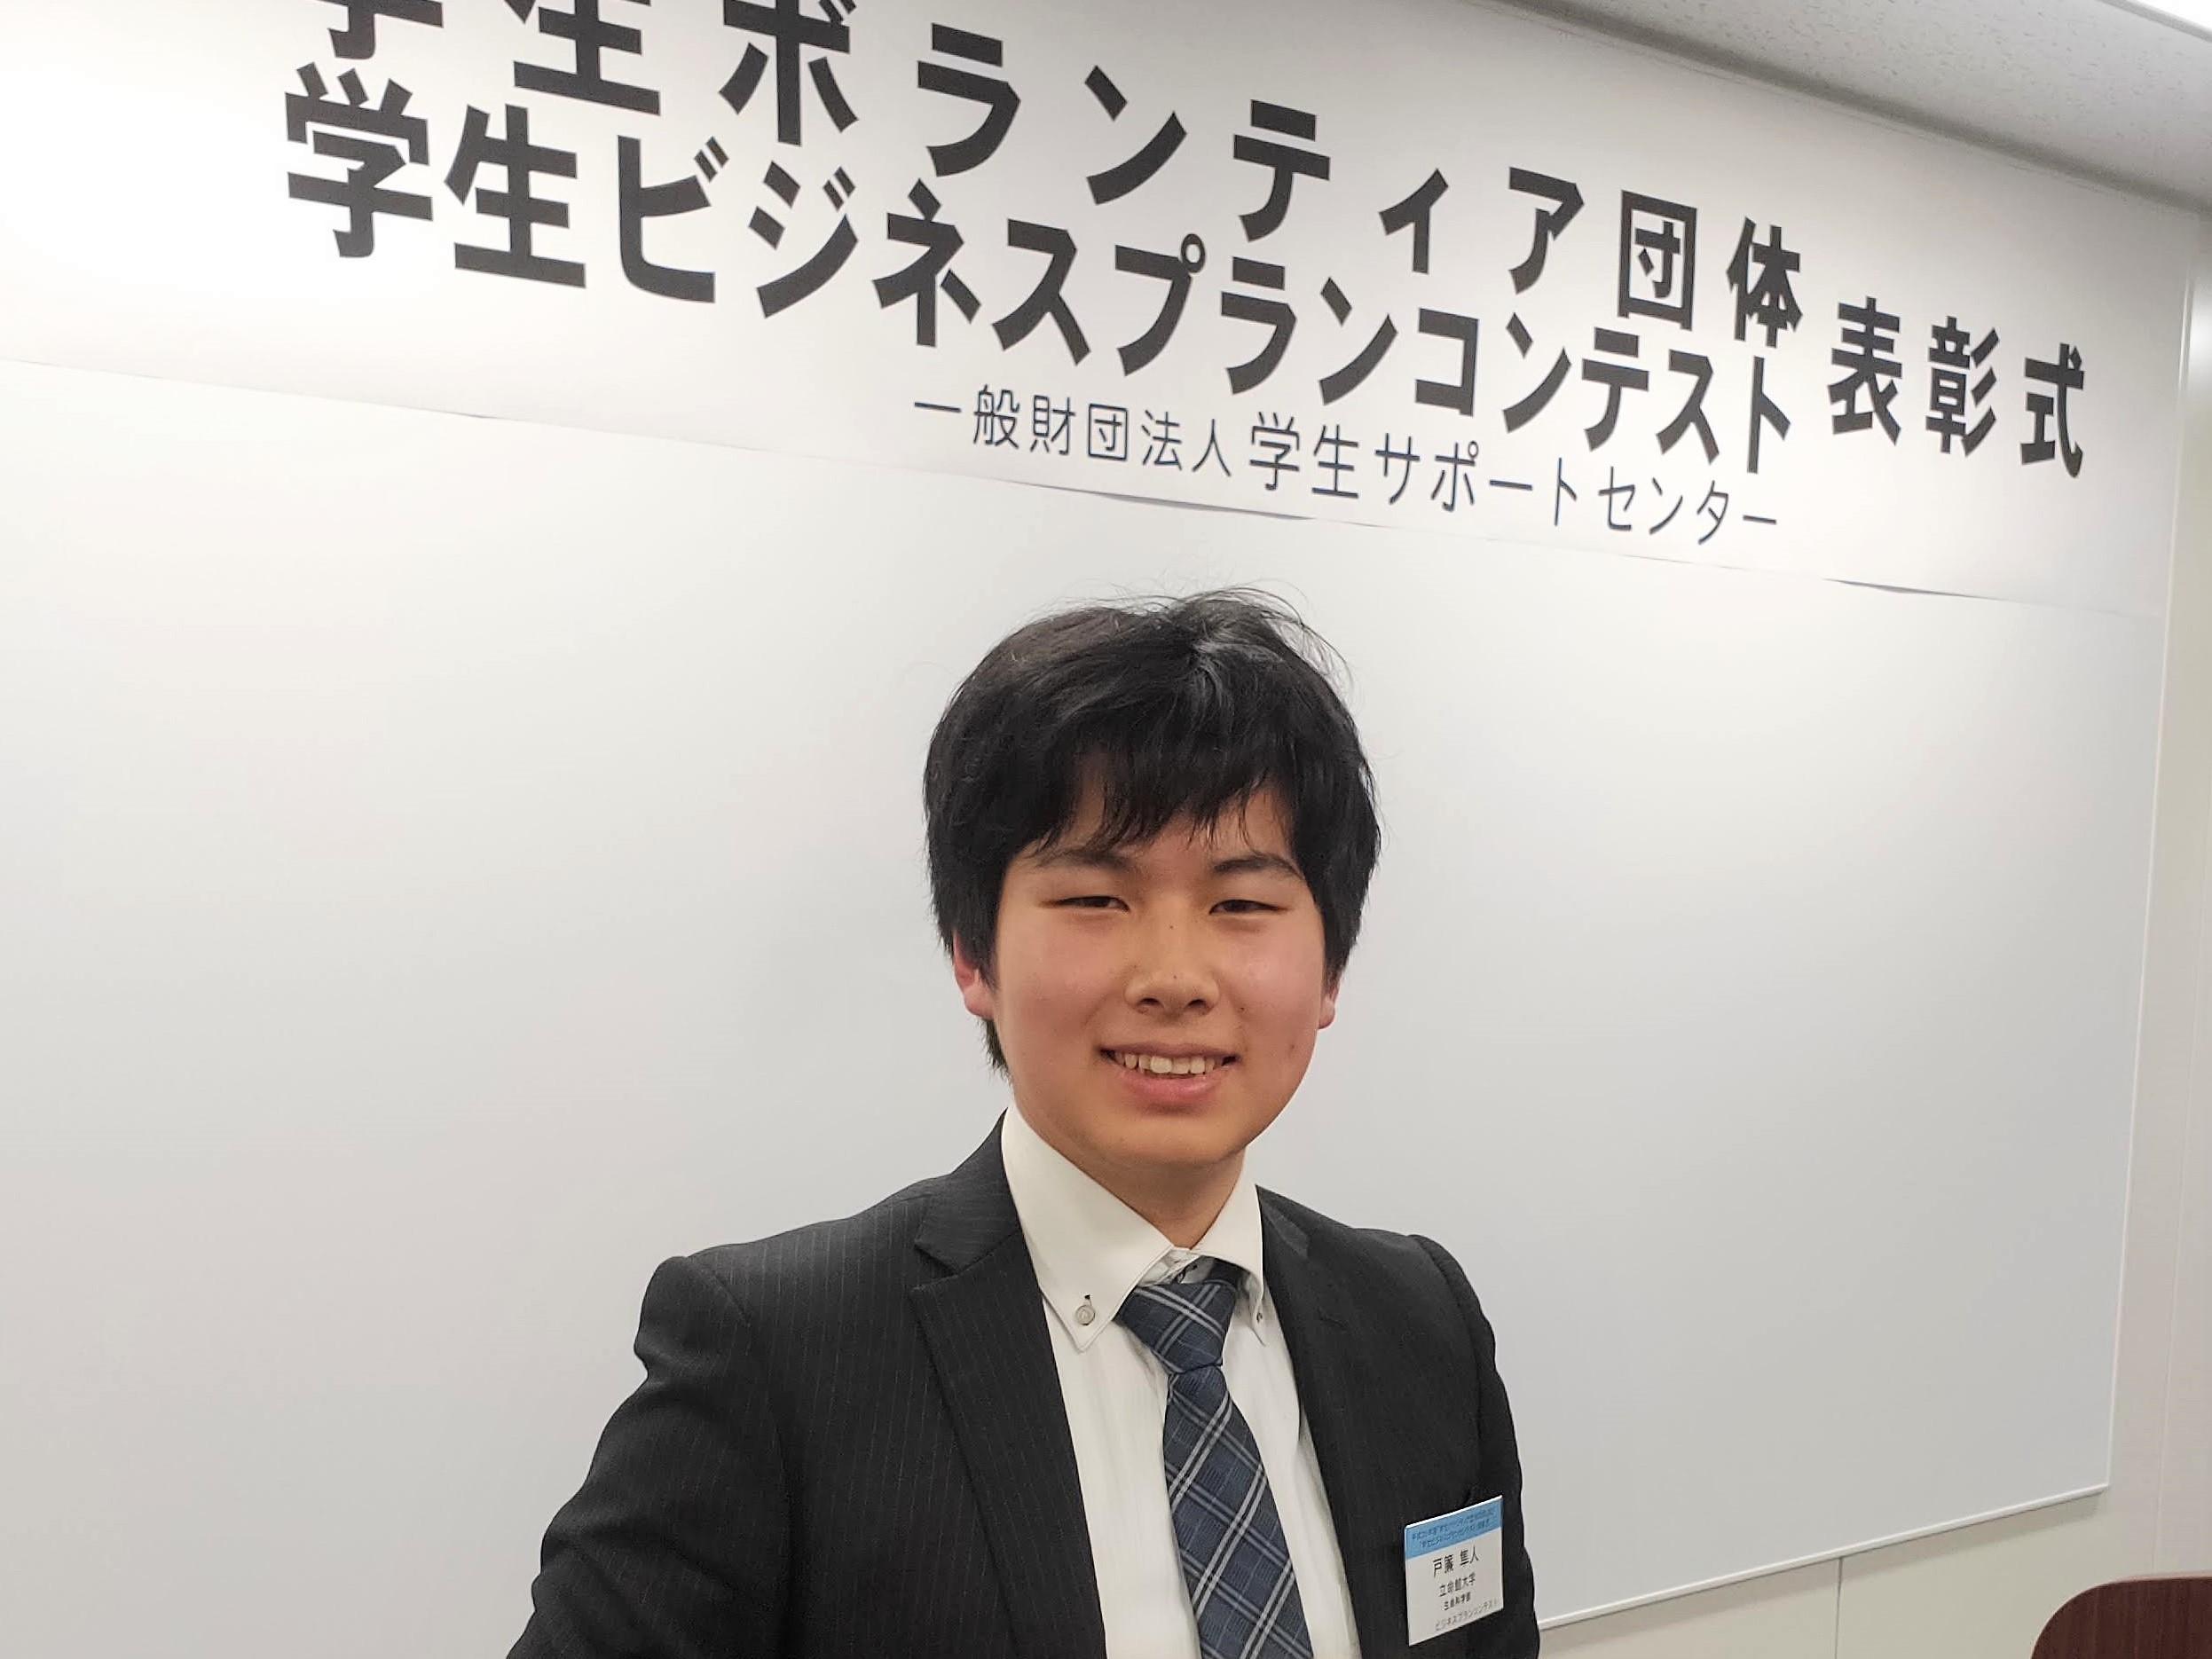 【お知らせ】当団体OBによる事業が学生ビジネスプランコンテストで努力賞を受賞しました。